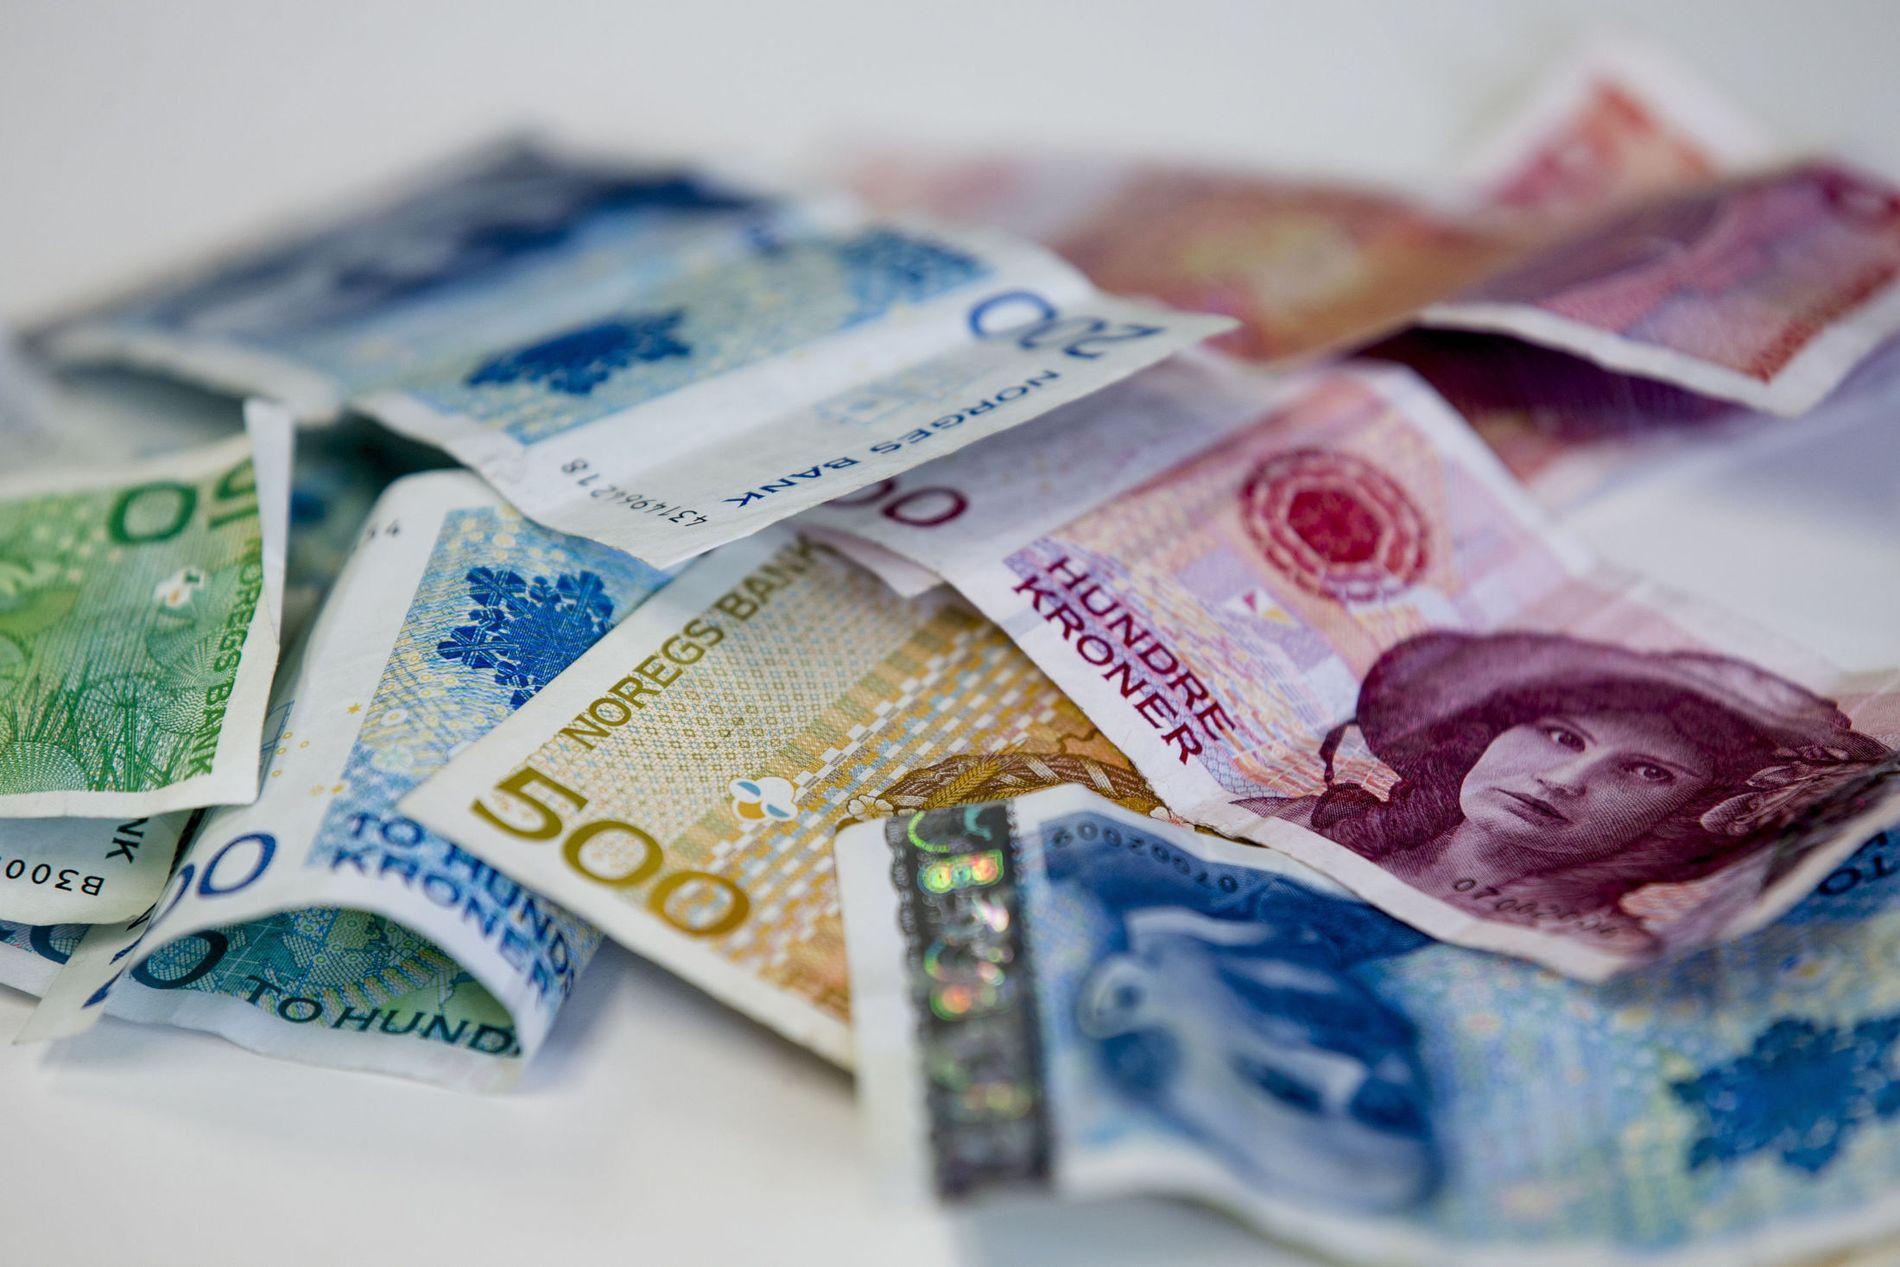 Ingen gebyrer. Riktig bruk av lønnskontoen lønner seg. Ved å bytte fra den dyreste til den billigste banken sparer du over 3000 kroner årlig.